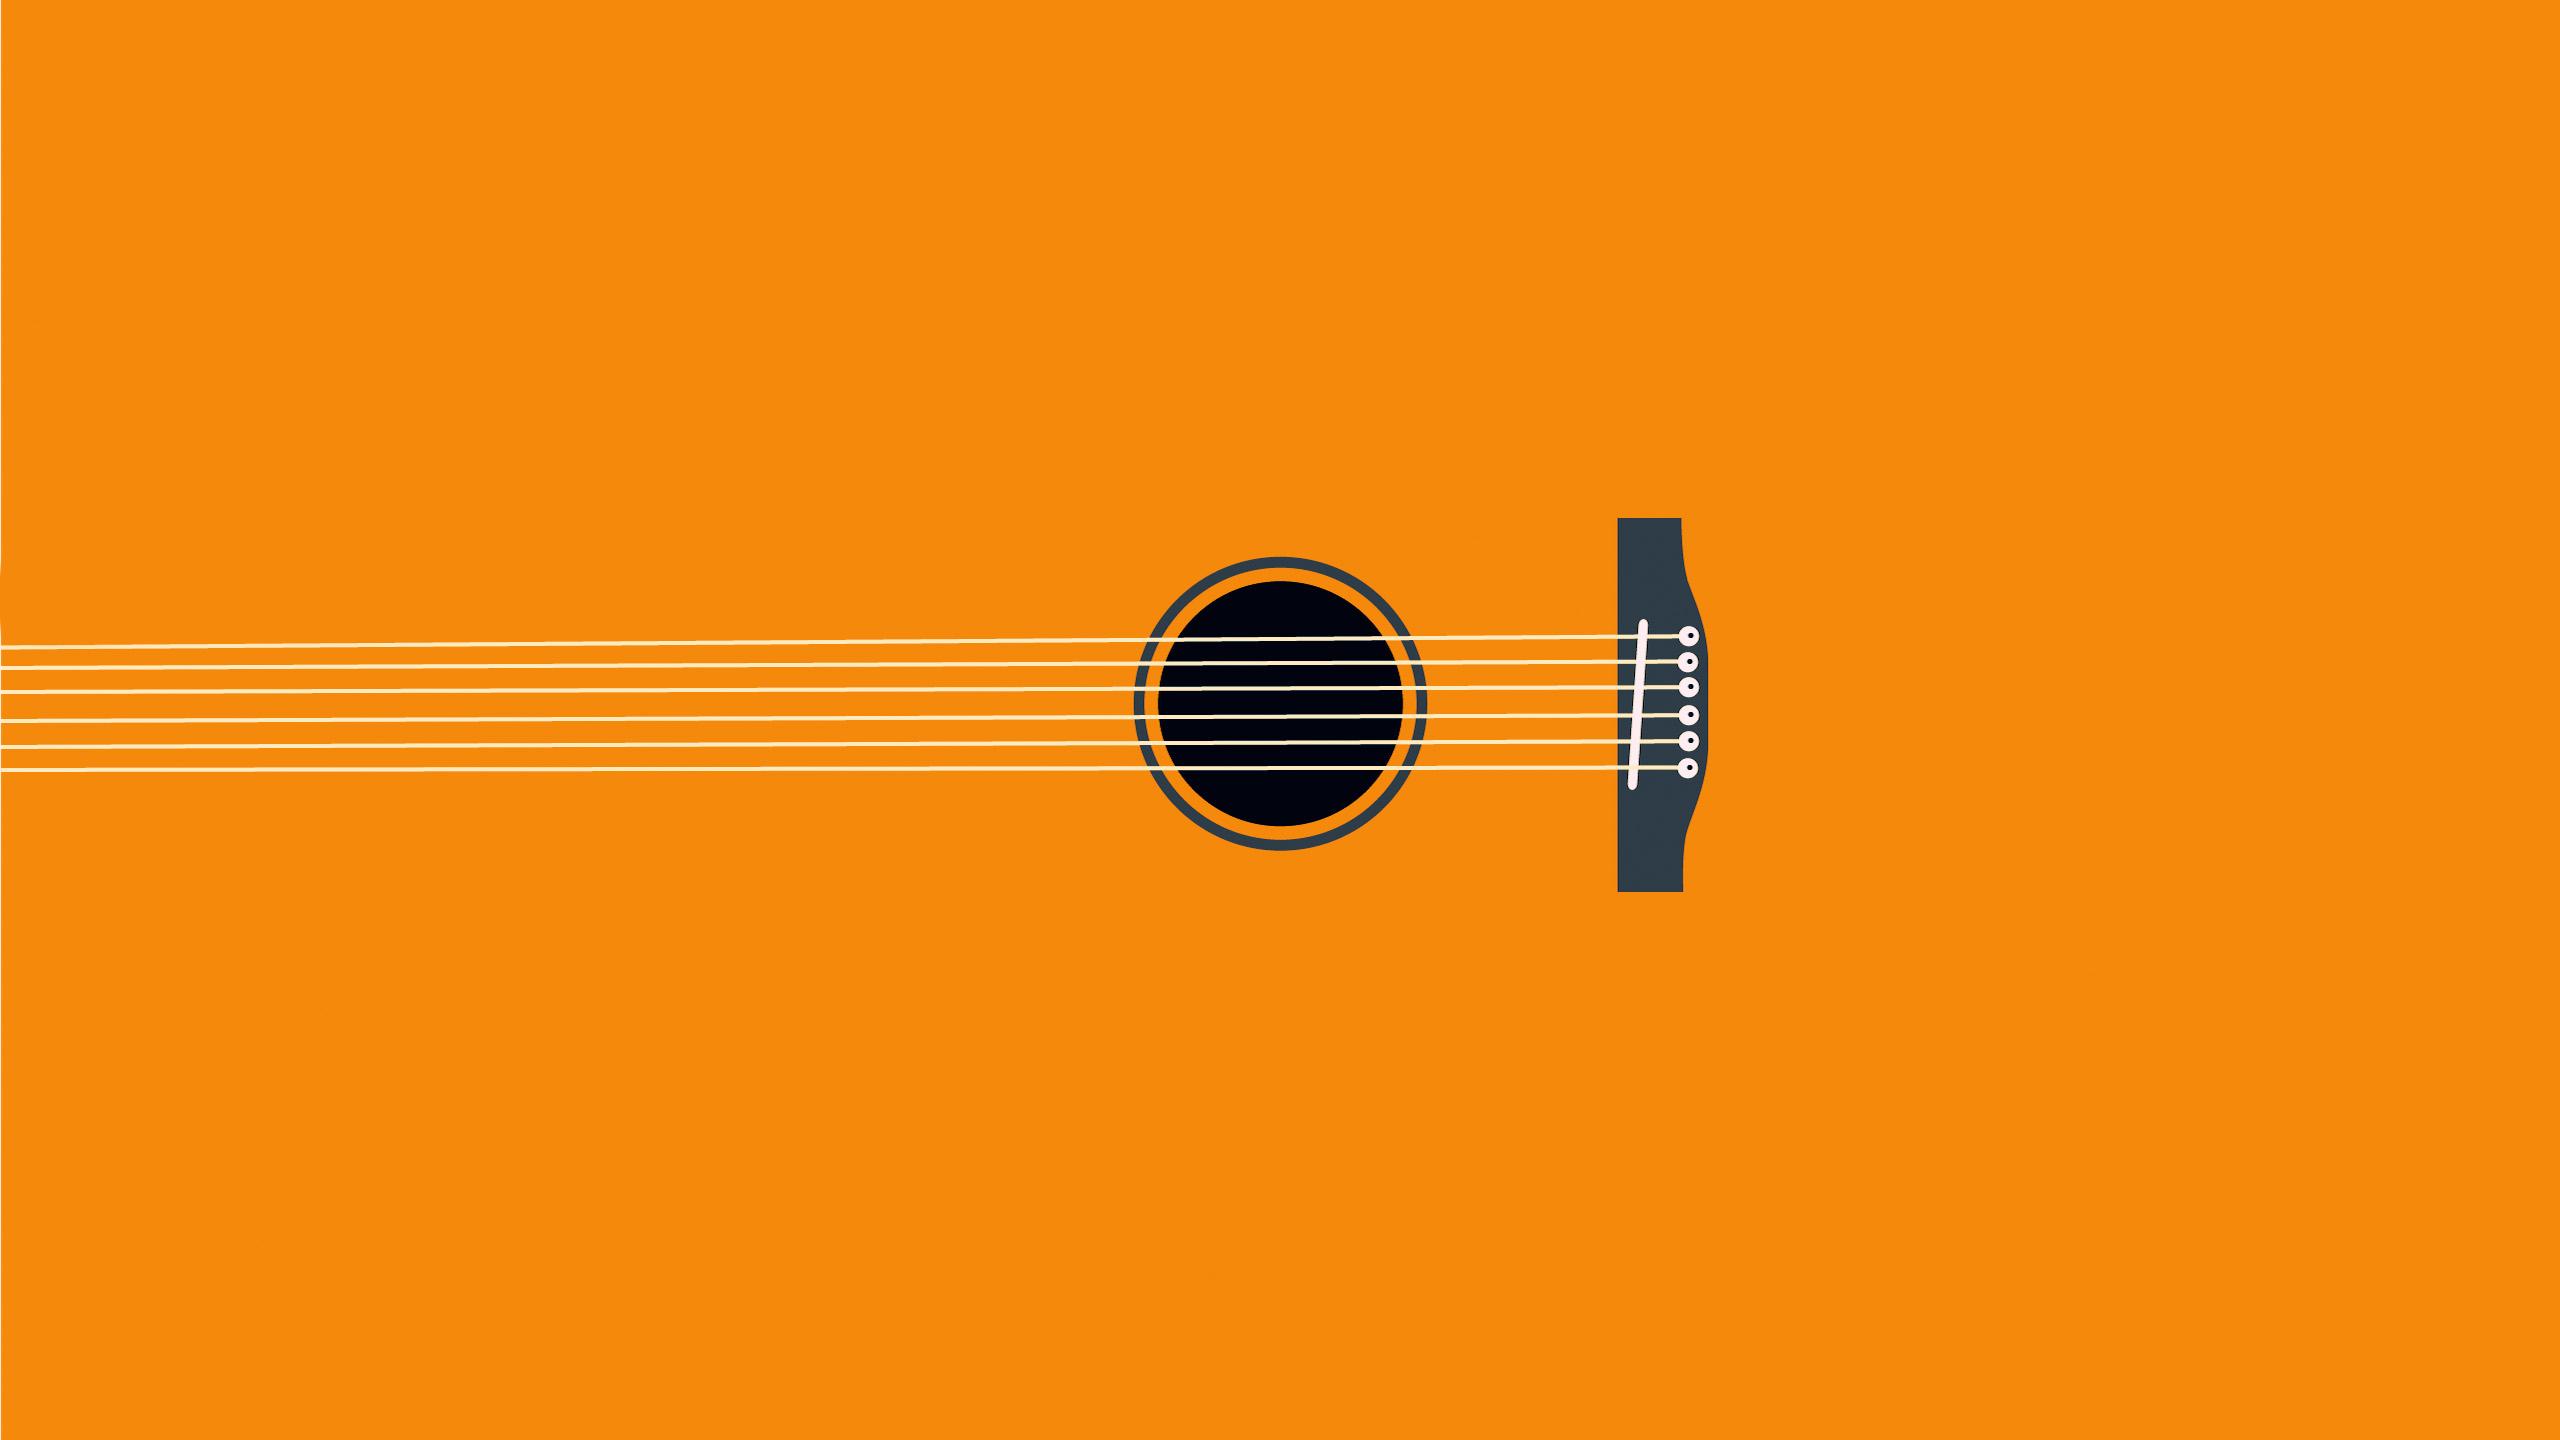 Music-Mac-Wallpapers-Classical-Guitar-Tablature-295700356